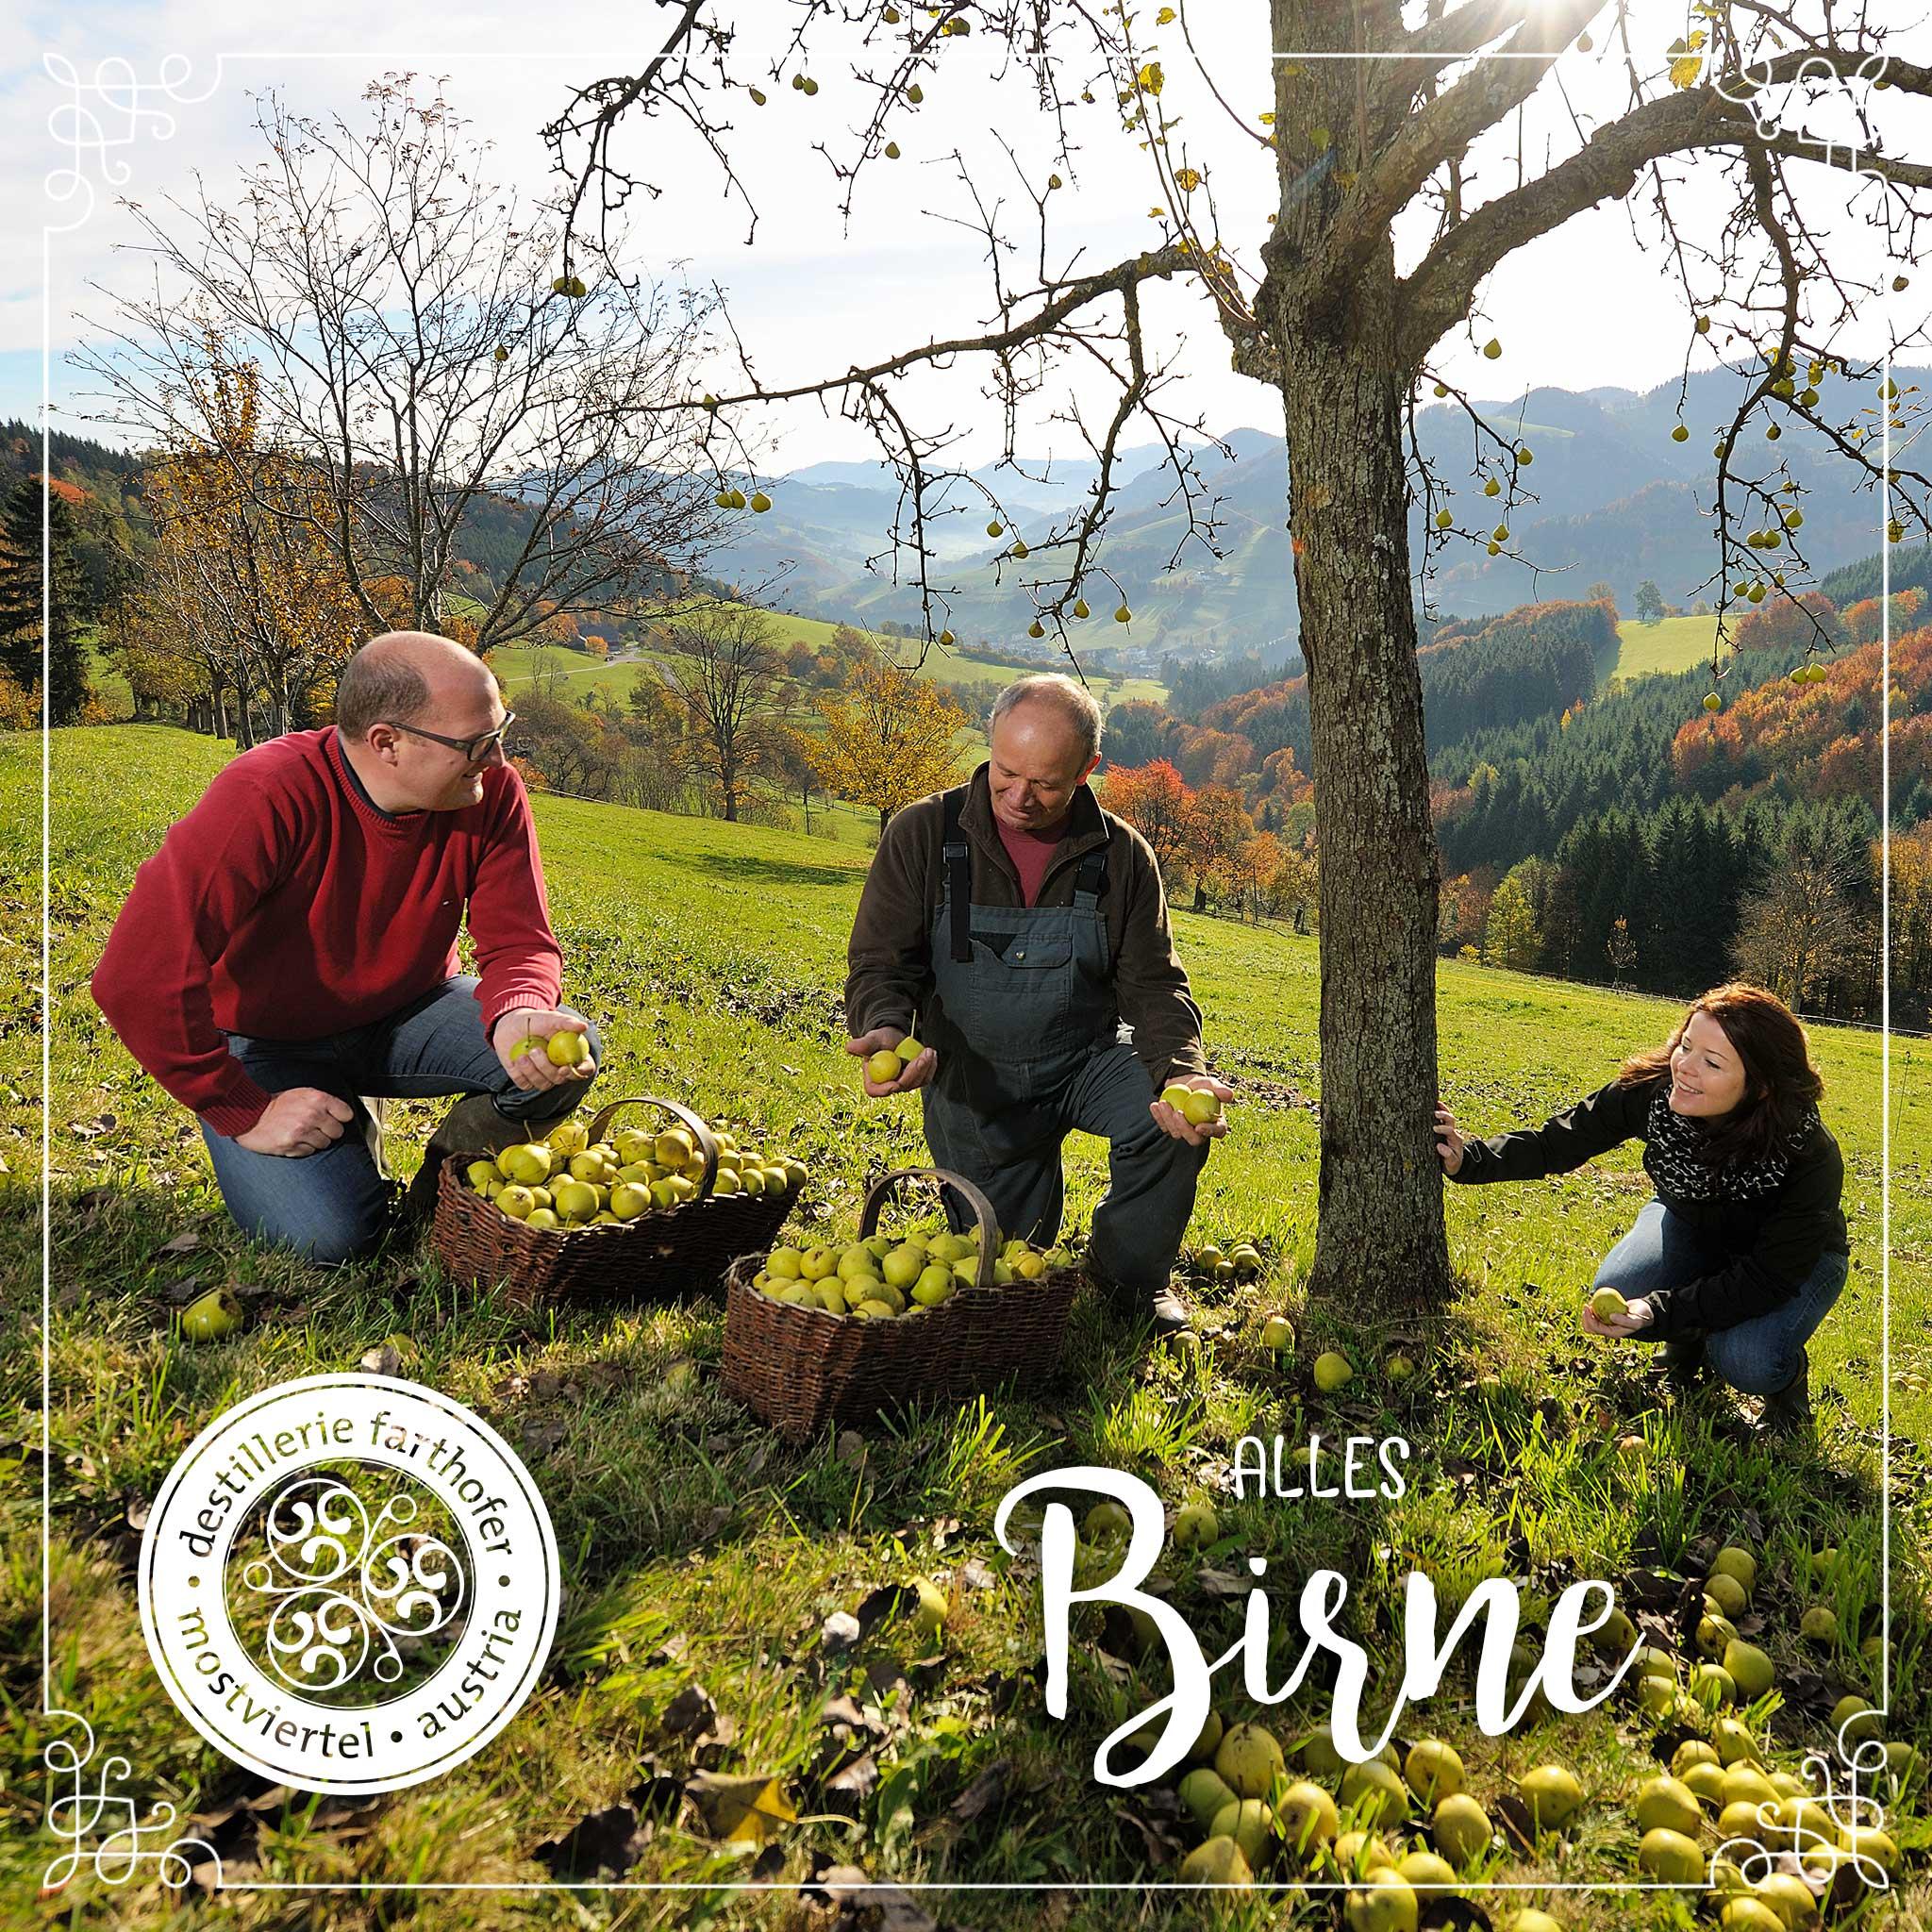 Alles Birne - Destillerie Farthofer